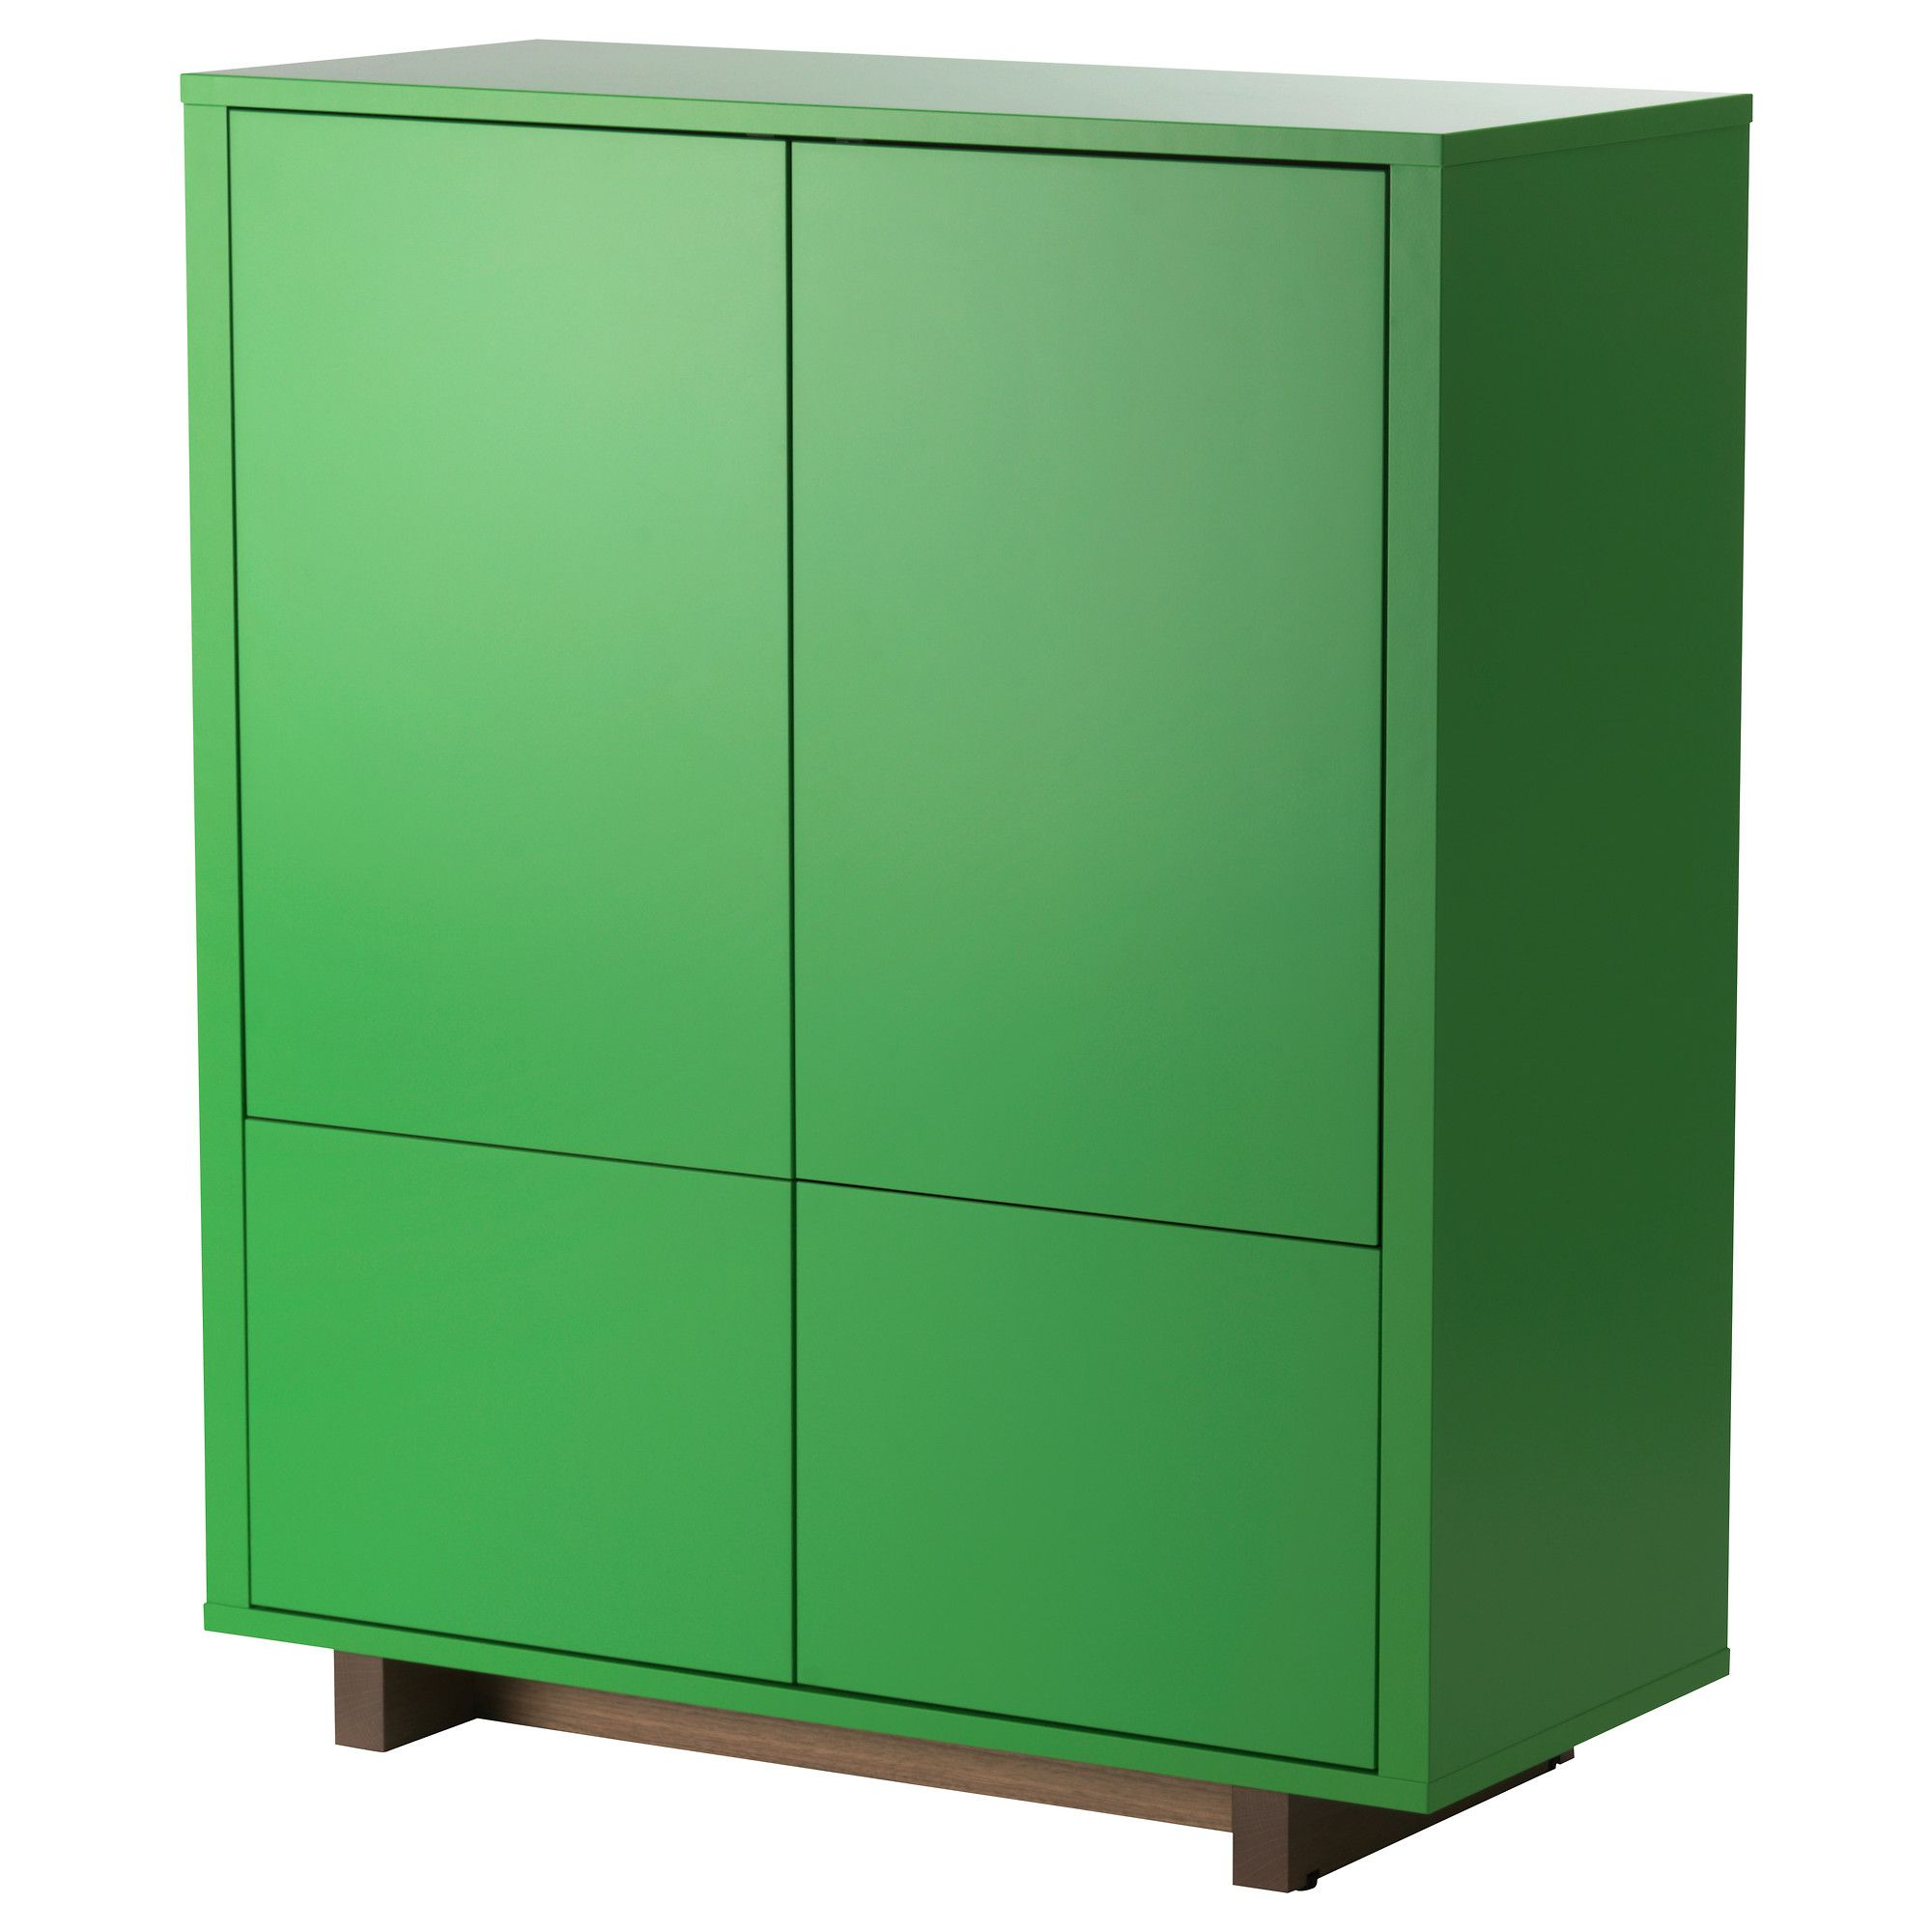 Mobili Bassi Cucina Ikea stockholm mobile con 2 cassetti - impiallacciatura di noce